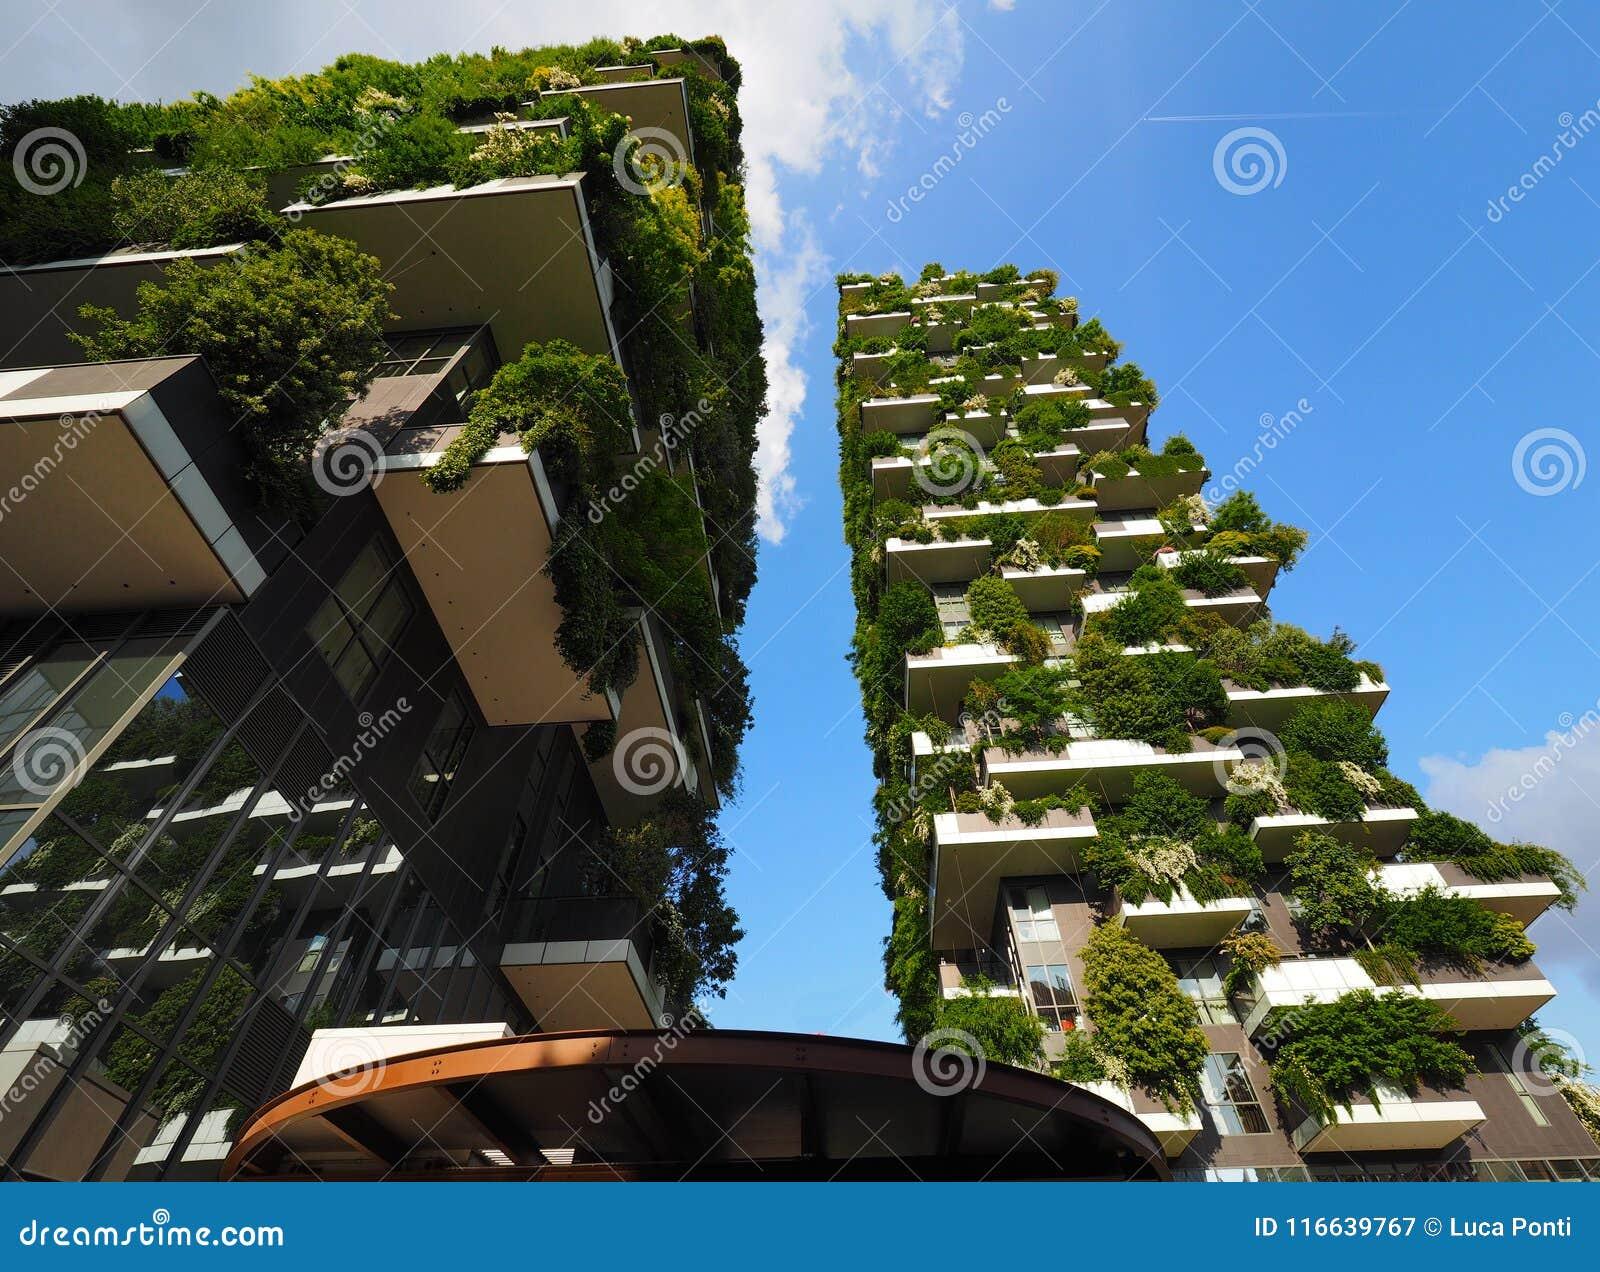 MILANO, ITALIA - 12 maggio 2018: Bosco Verticale - grattacielo verticale della foresta con gli alberi che crescono sui balconi